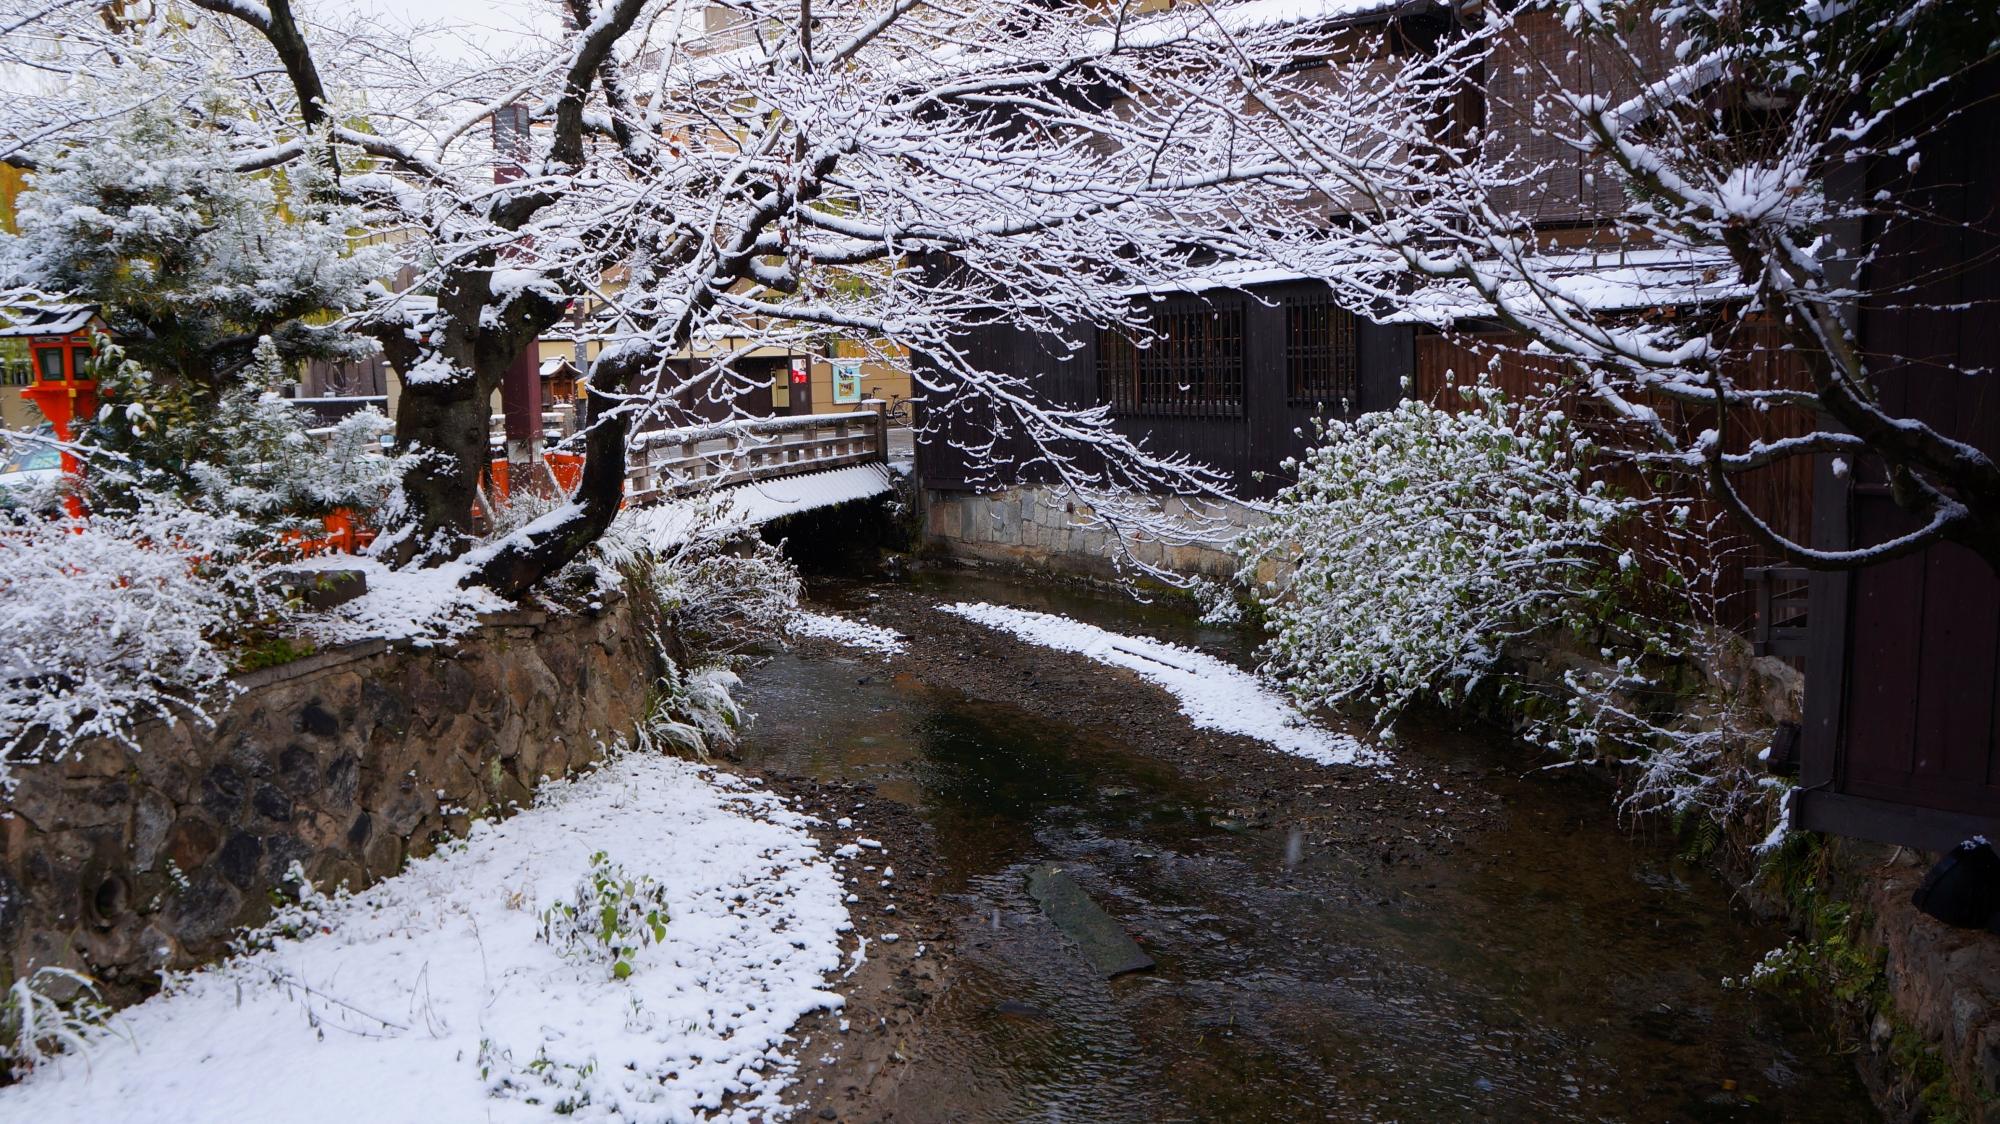 落ち着いた雰囲気の中に咲く華やかな雪の花